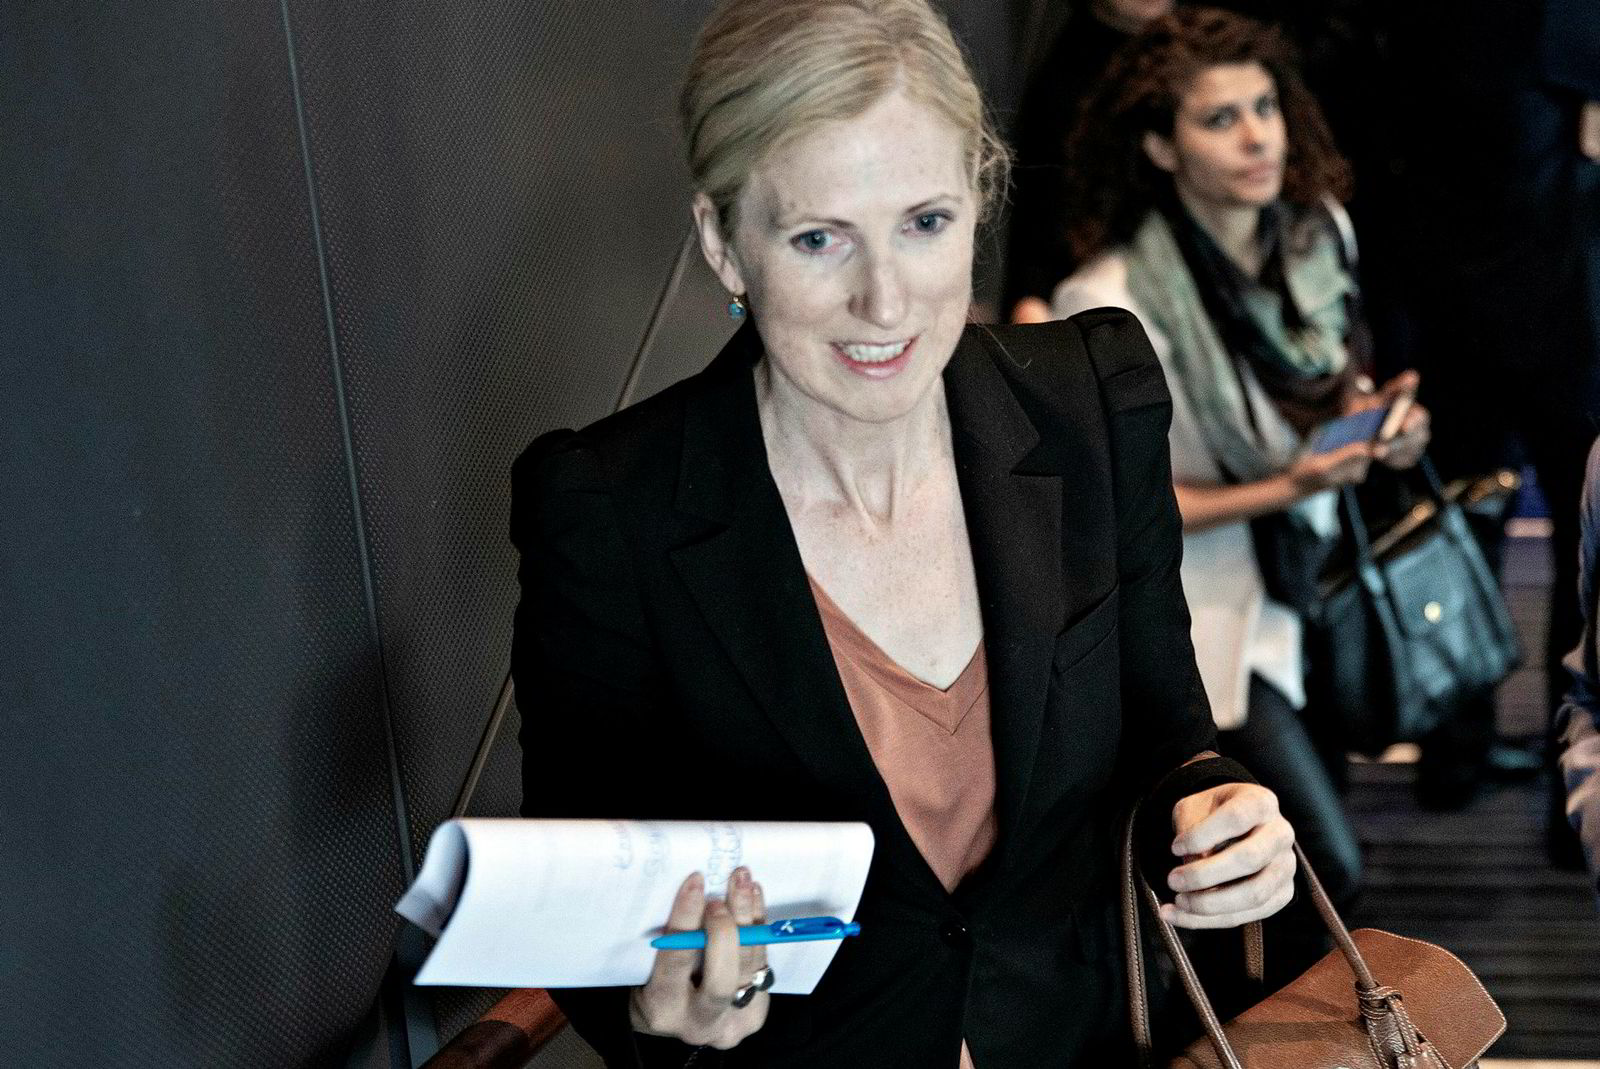 – Vi går ikke inn på detaljerte grunner til hvorfor vi ikke ble enige, sier Hanne Knudsen, kommunikasjonssjef i Telenor.